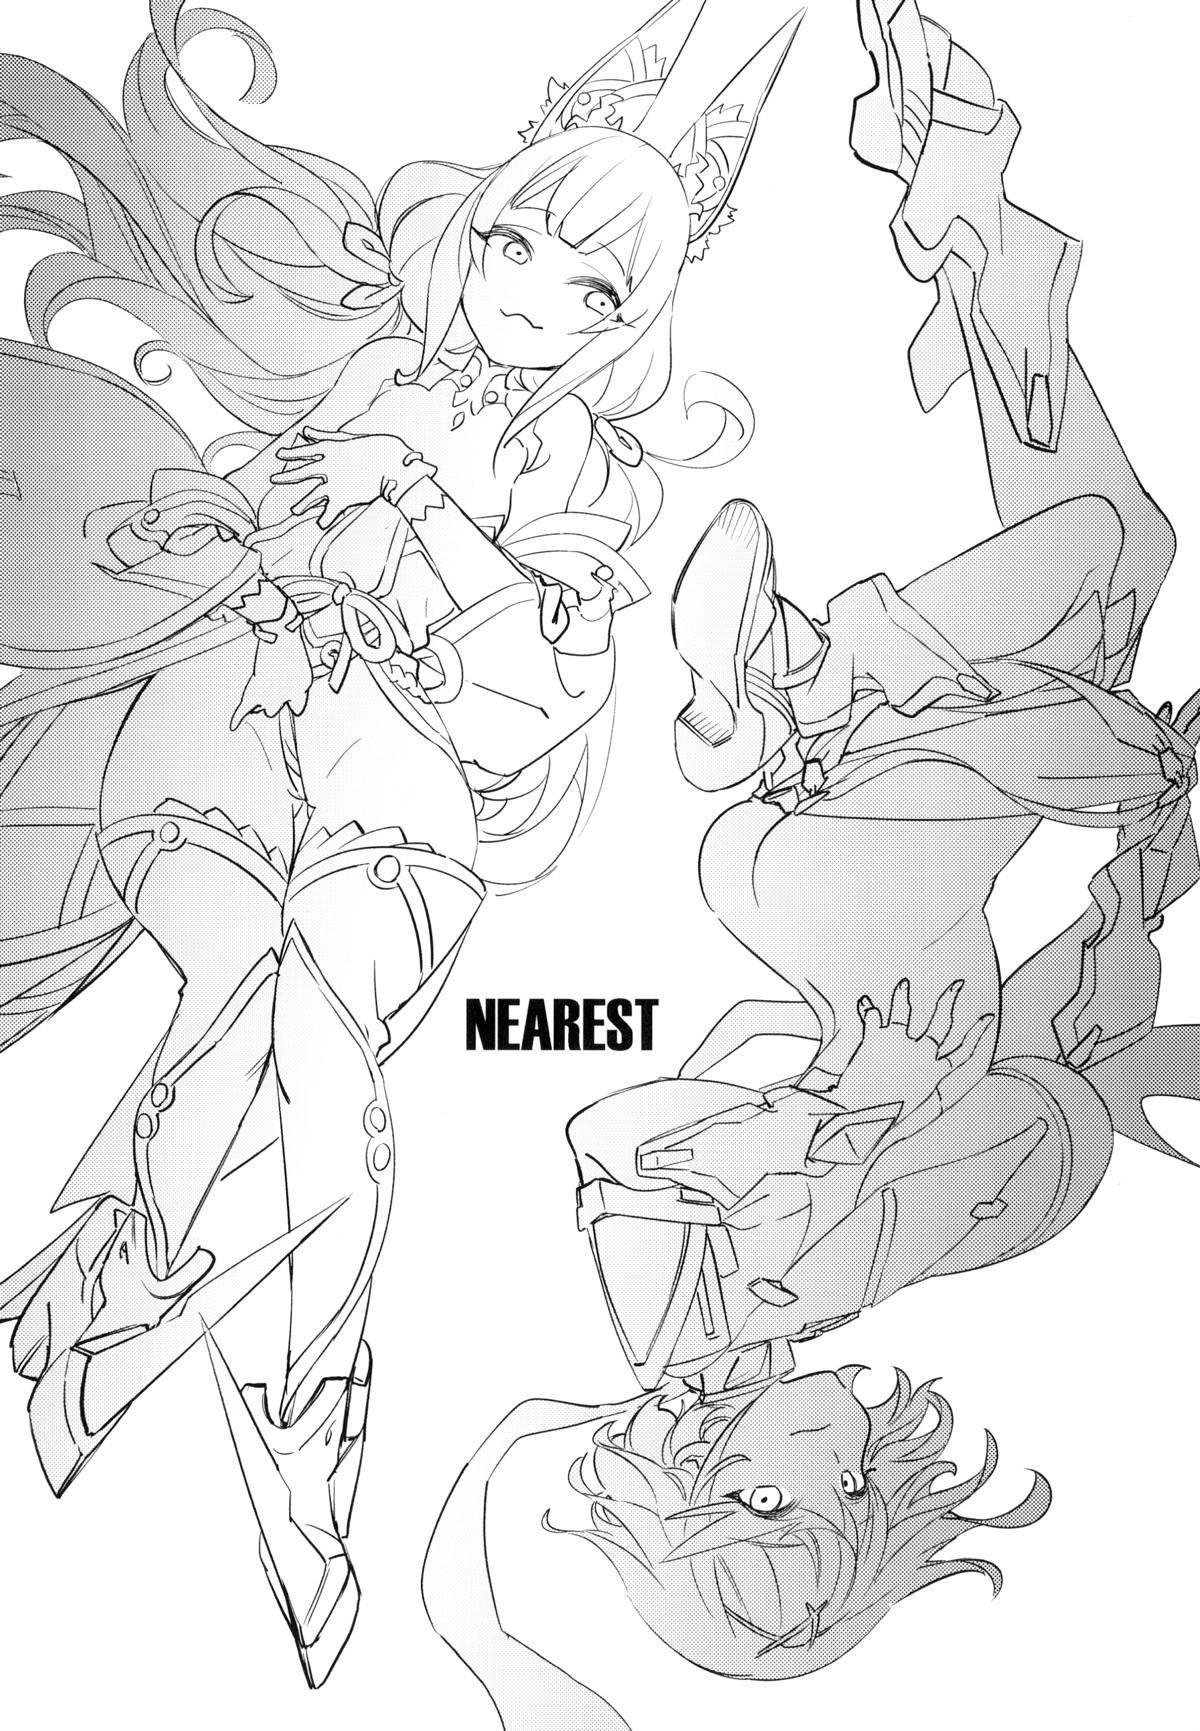 NEAREST 1